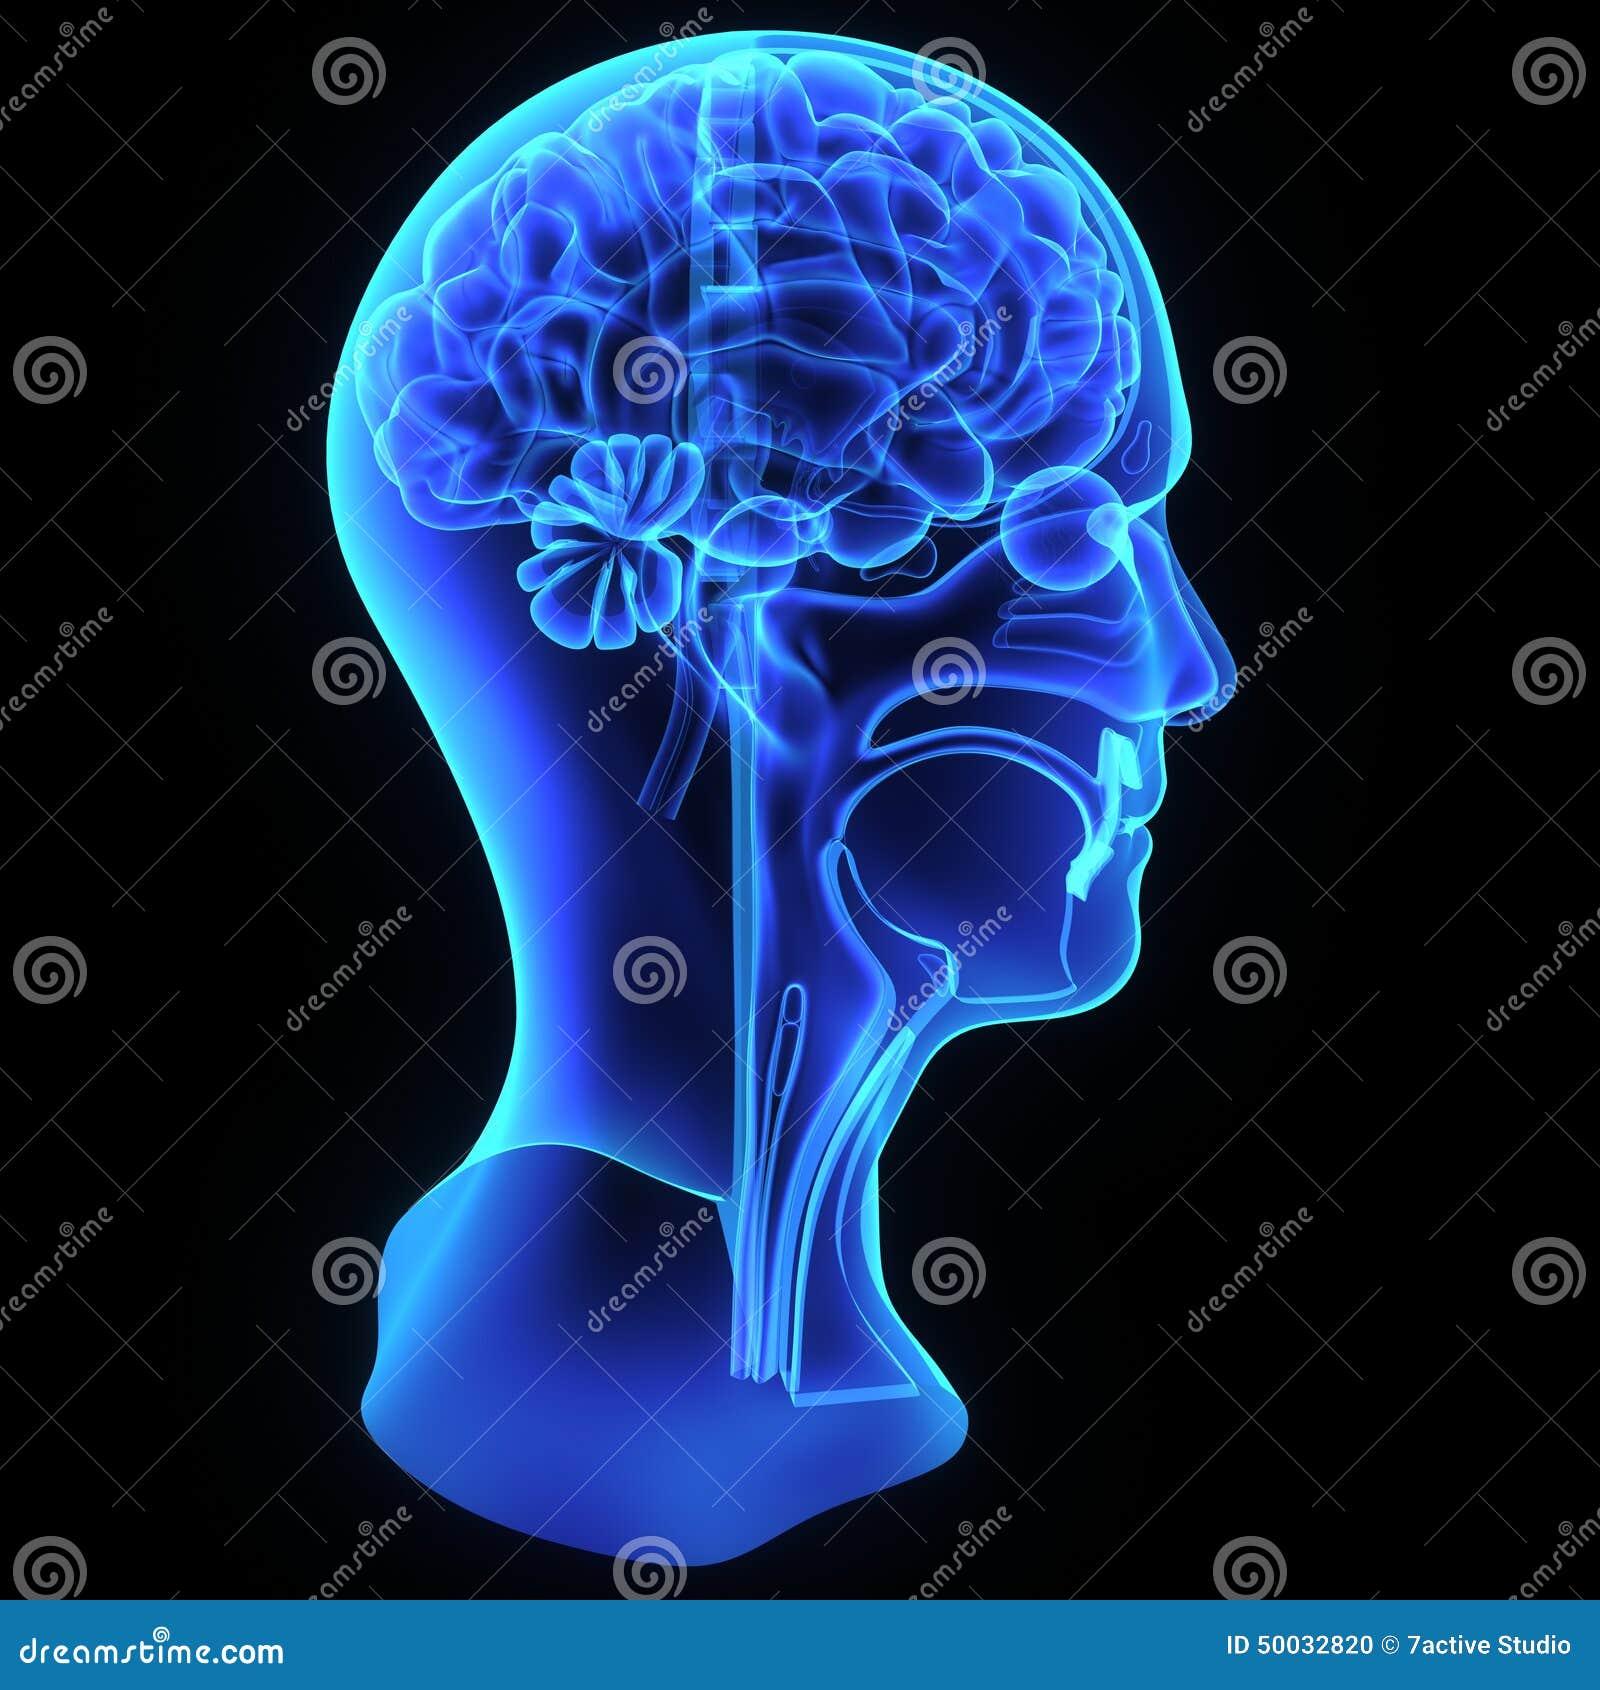 Kopf- und Halsanatomie stock abbildung. Illustration von medizin ...